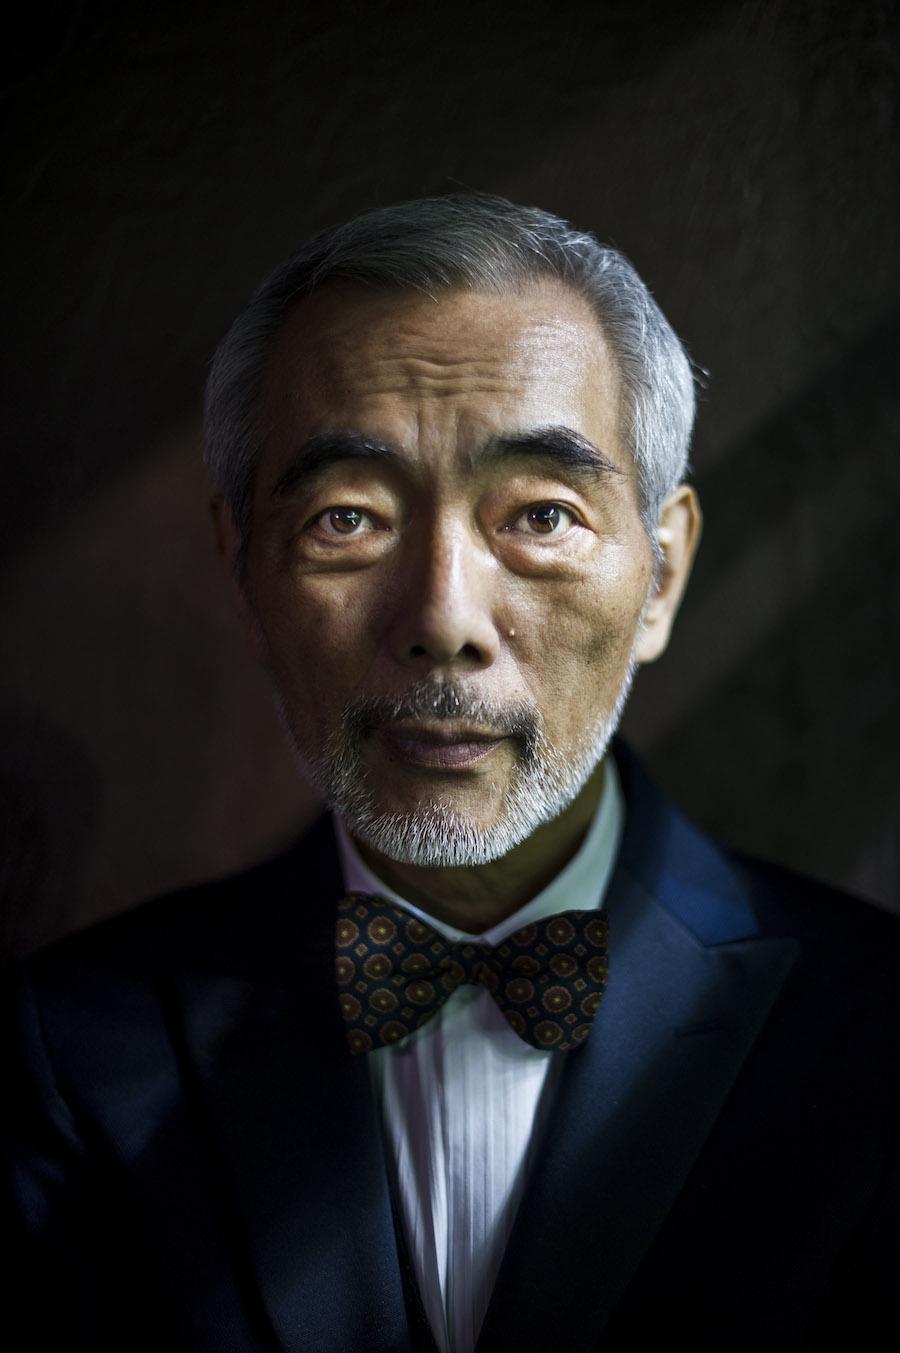 Fallece el maestro Takashi Amano